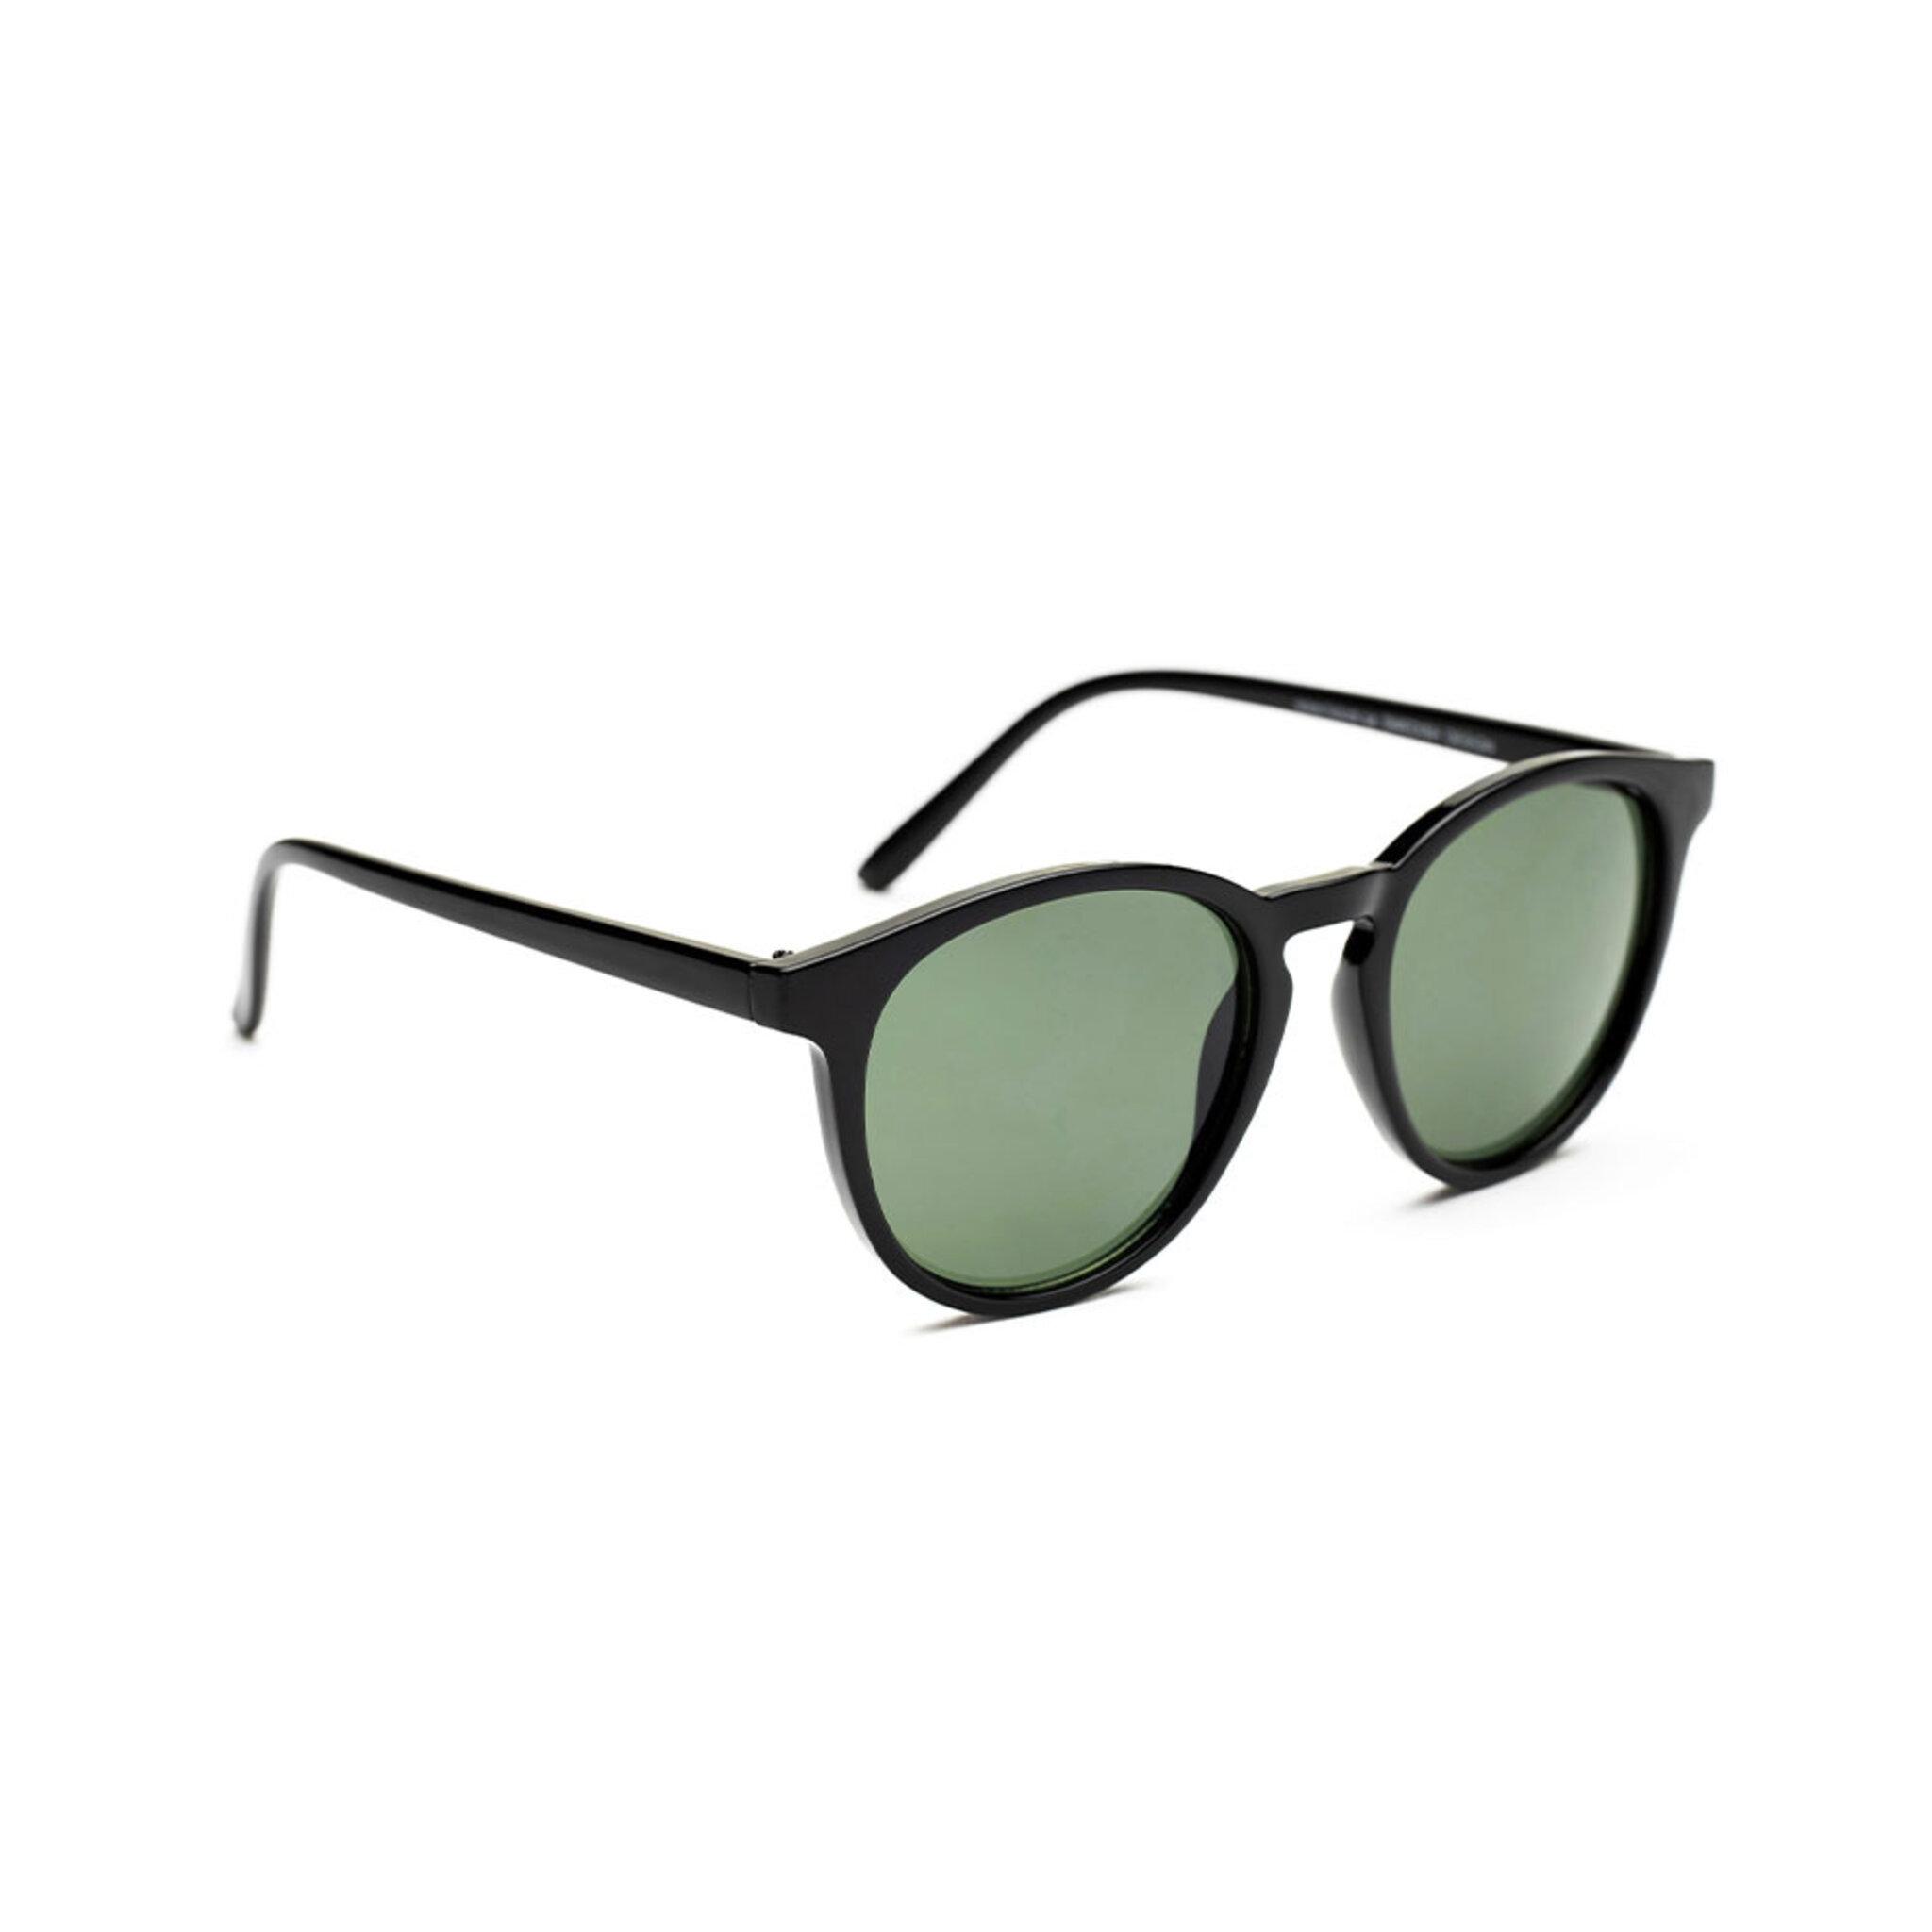 Piper solglasögon, ONE SIZE